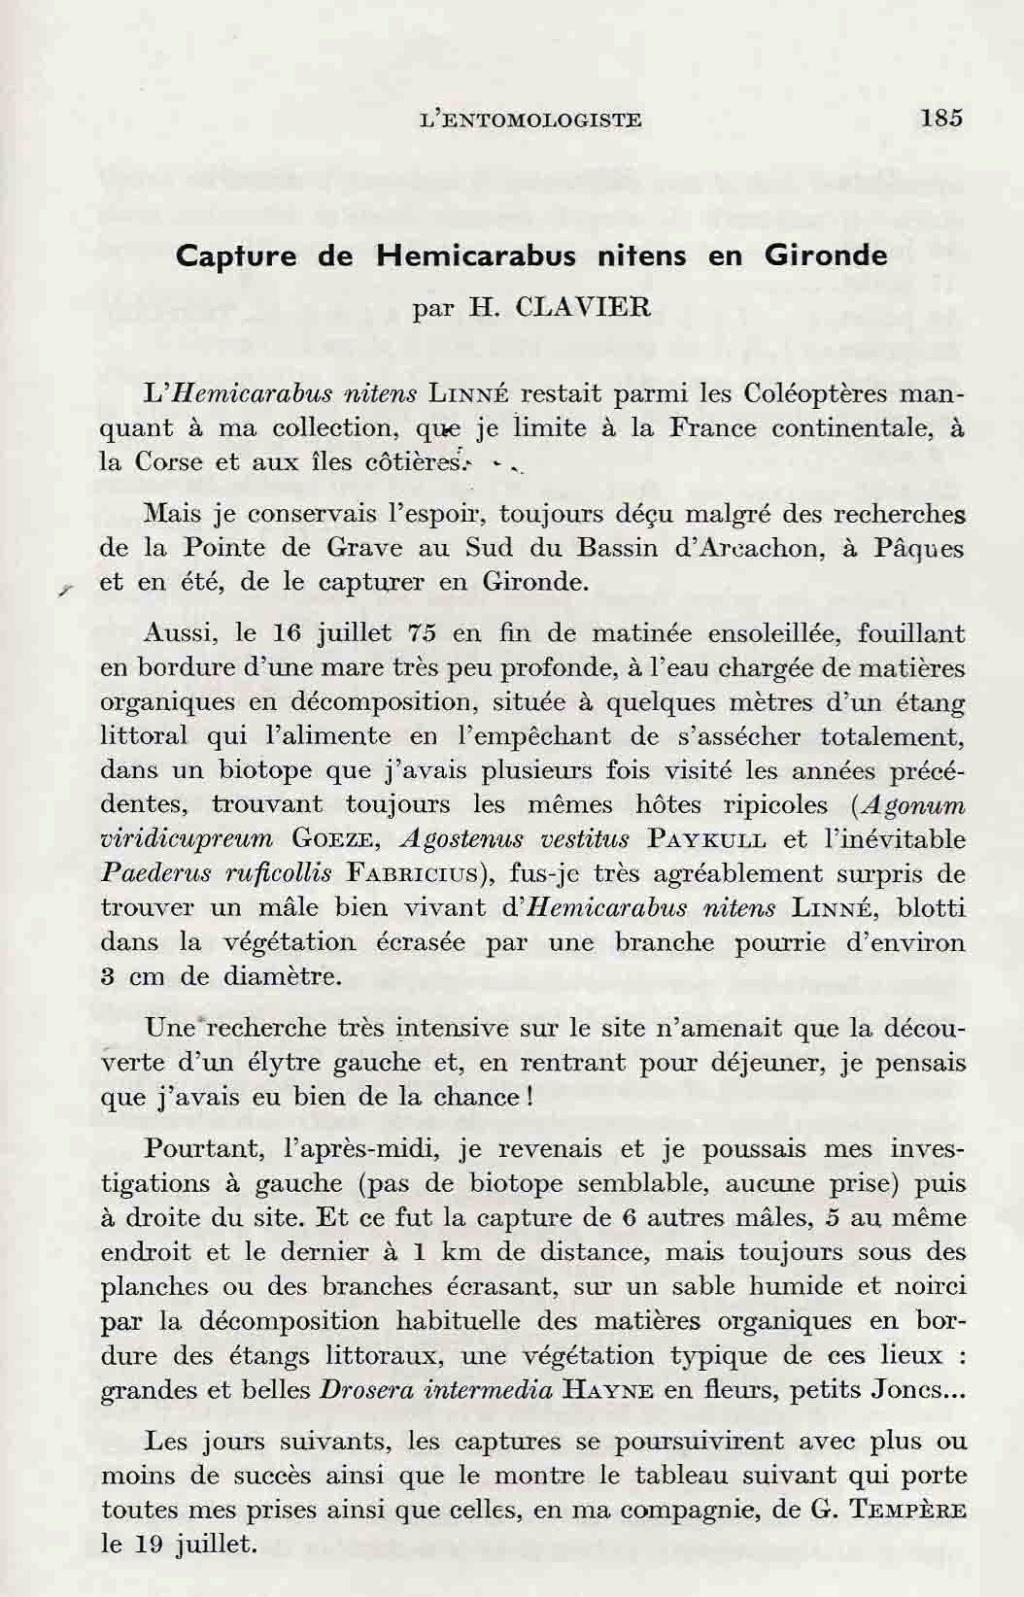 [Carabus (Hemicarabus) nitens nitens], Linné 1758 - Page 2 Clavie11